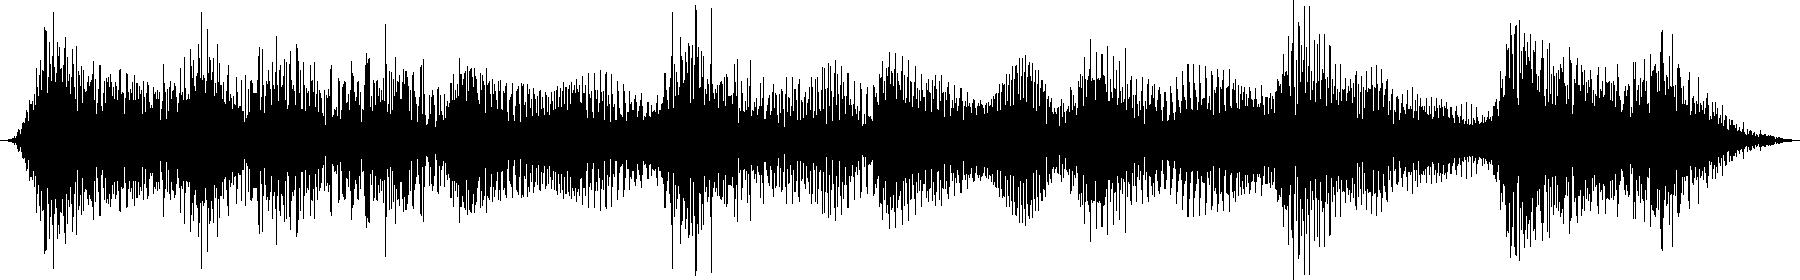 pad melody 3